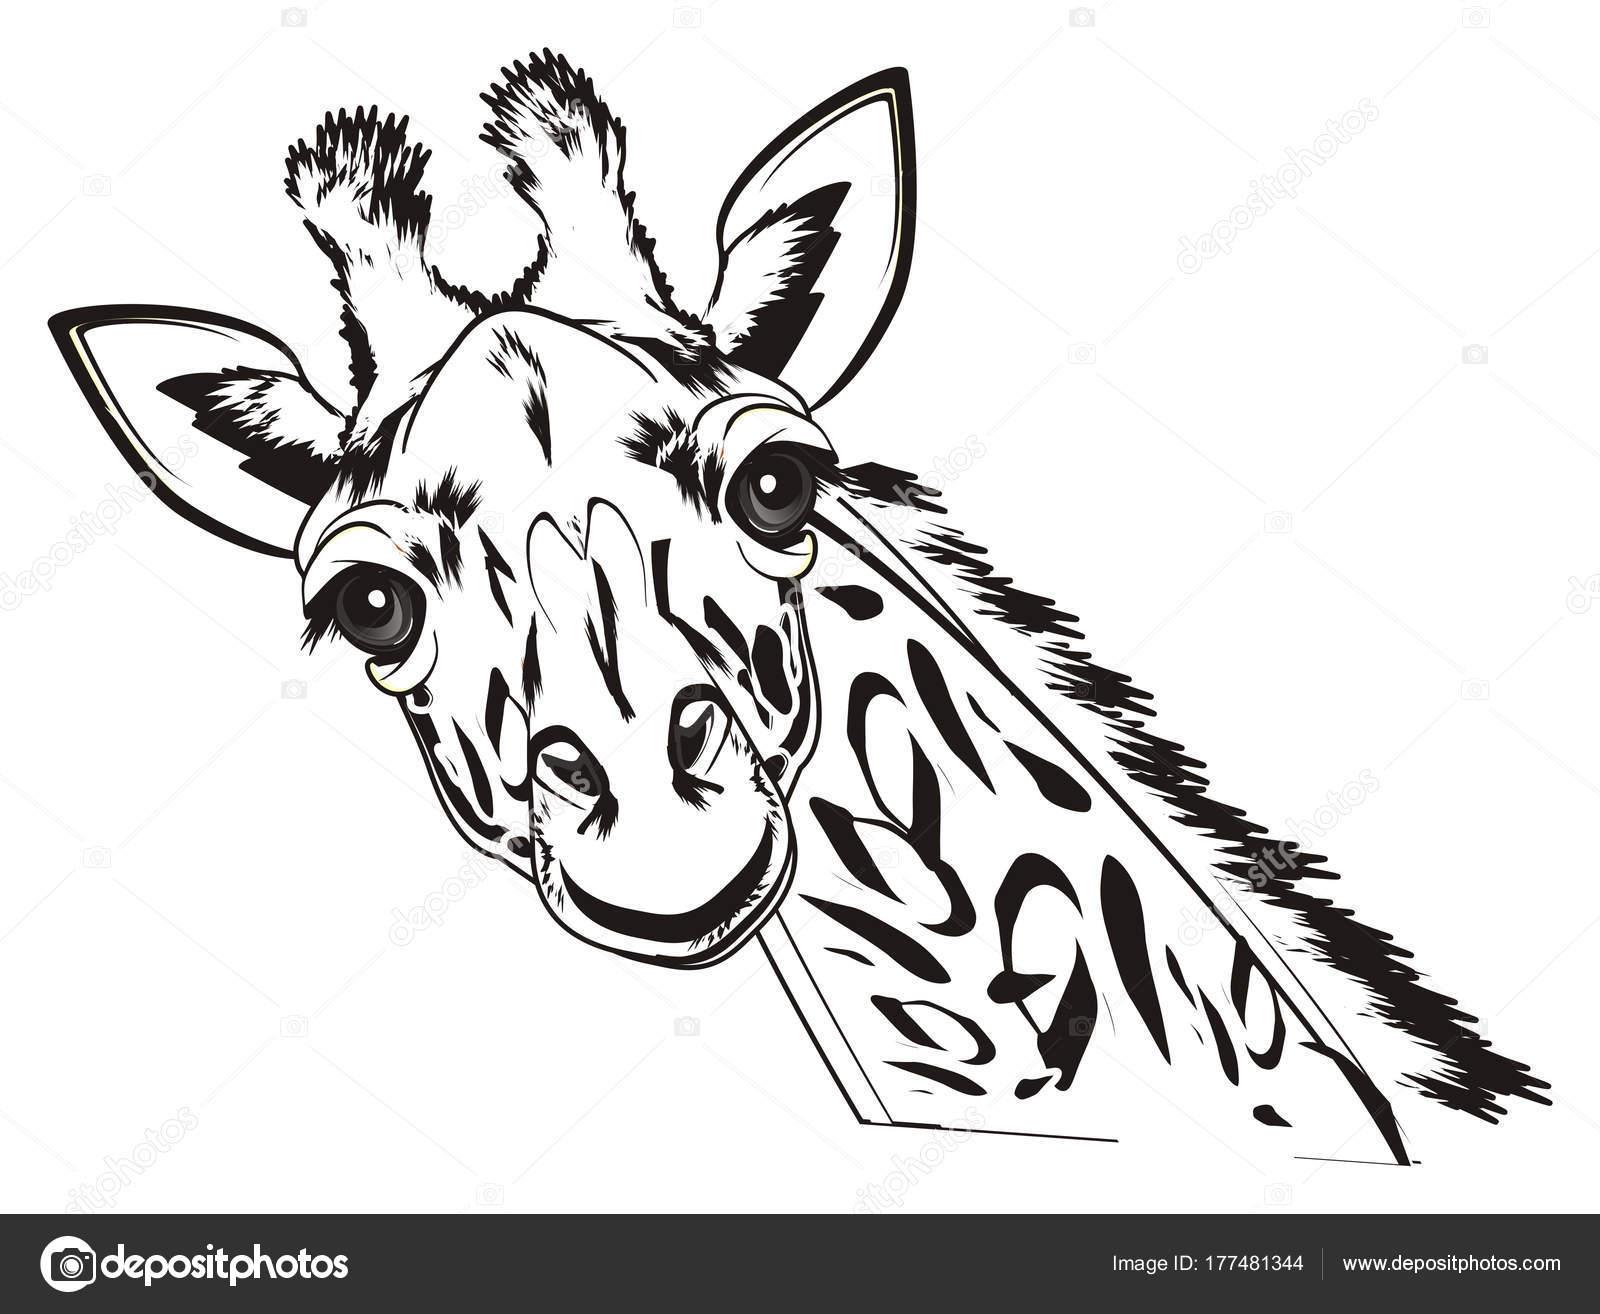 Black White Muzzle Giraffe Stock Photo Tatty77tatty 177481344